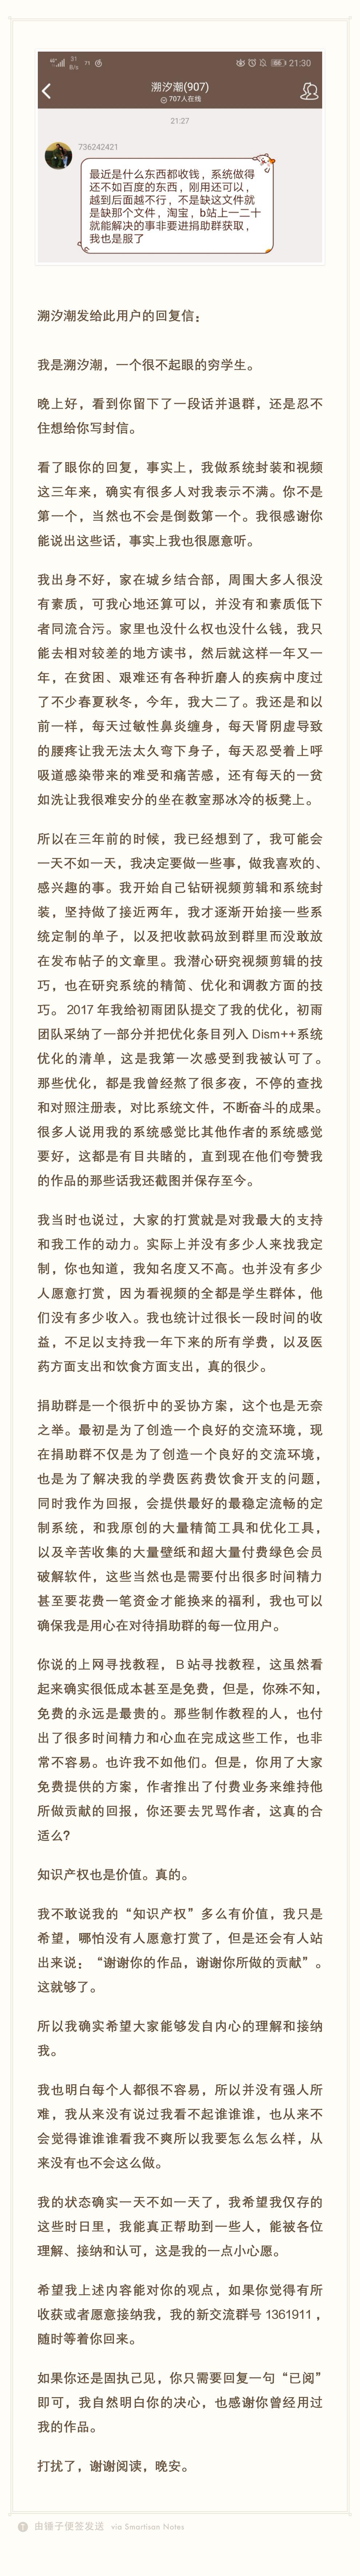 【溯汐潮】其实并不是商业化,只是我希望能多一点理解和支持。